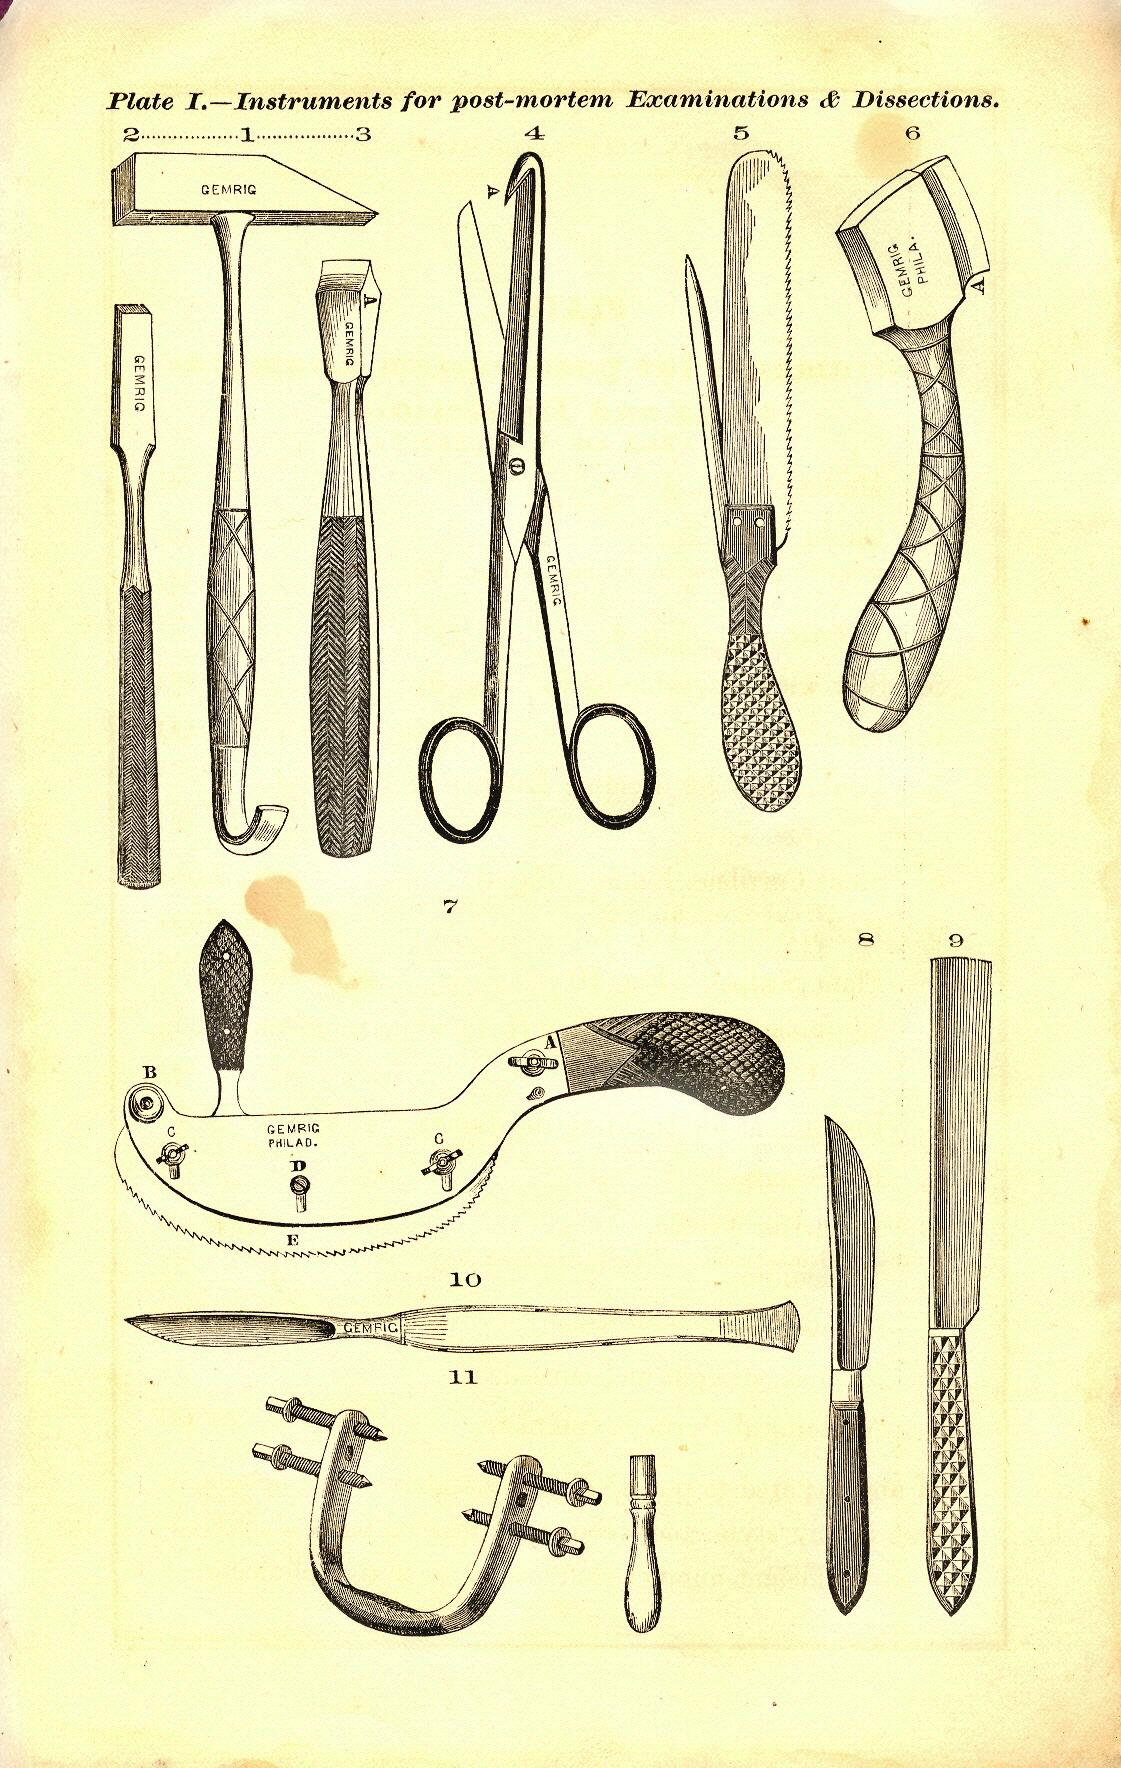 Gemrig Post Mortem Instruments